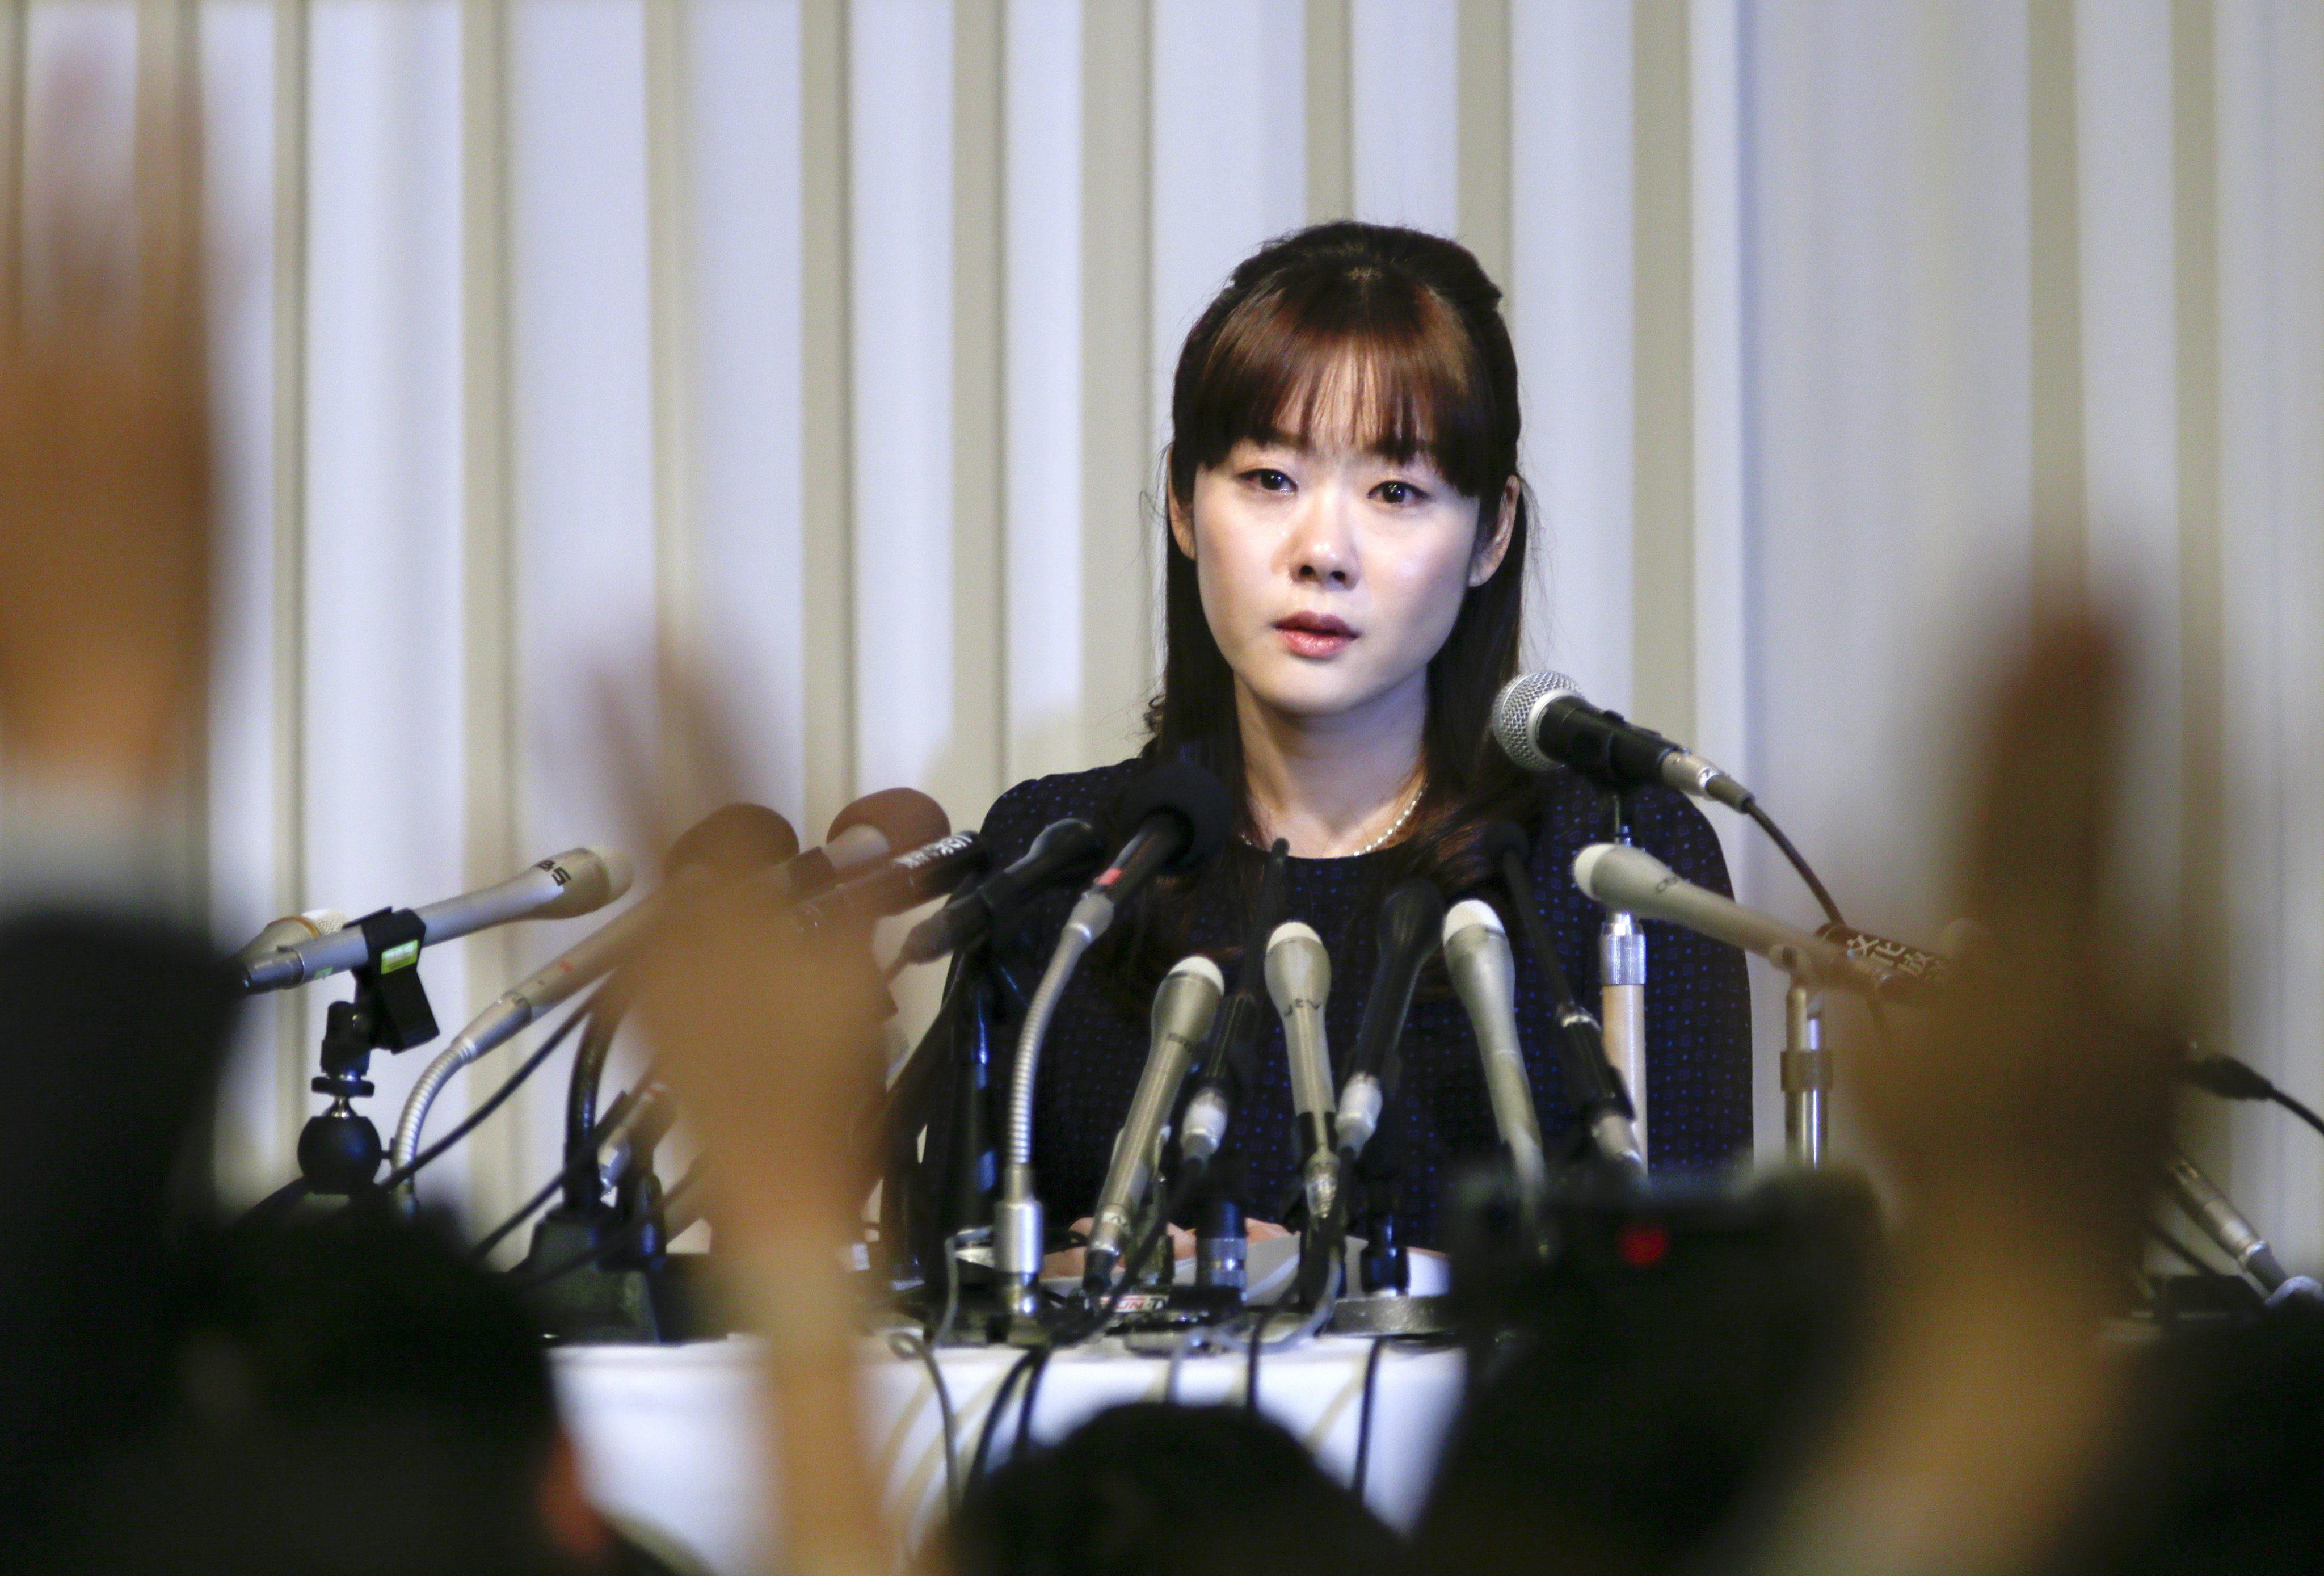 La investigadora nipona acusada de fraude admite errores pero defiende su hallazgo